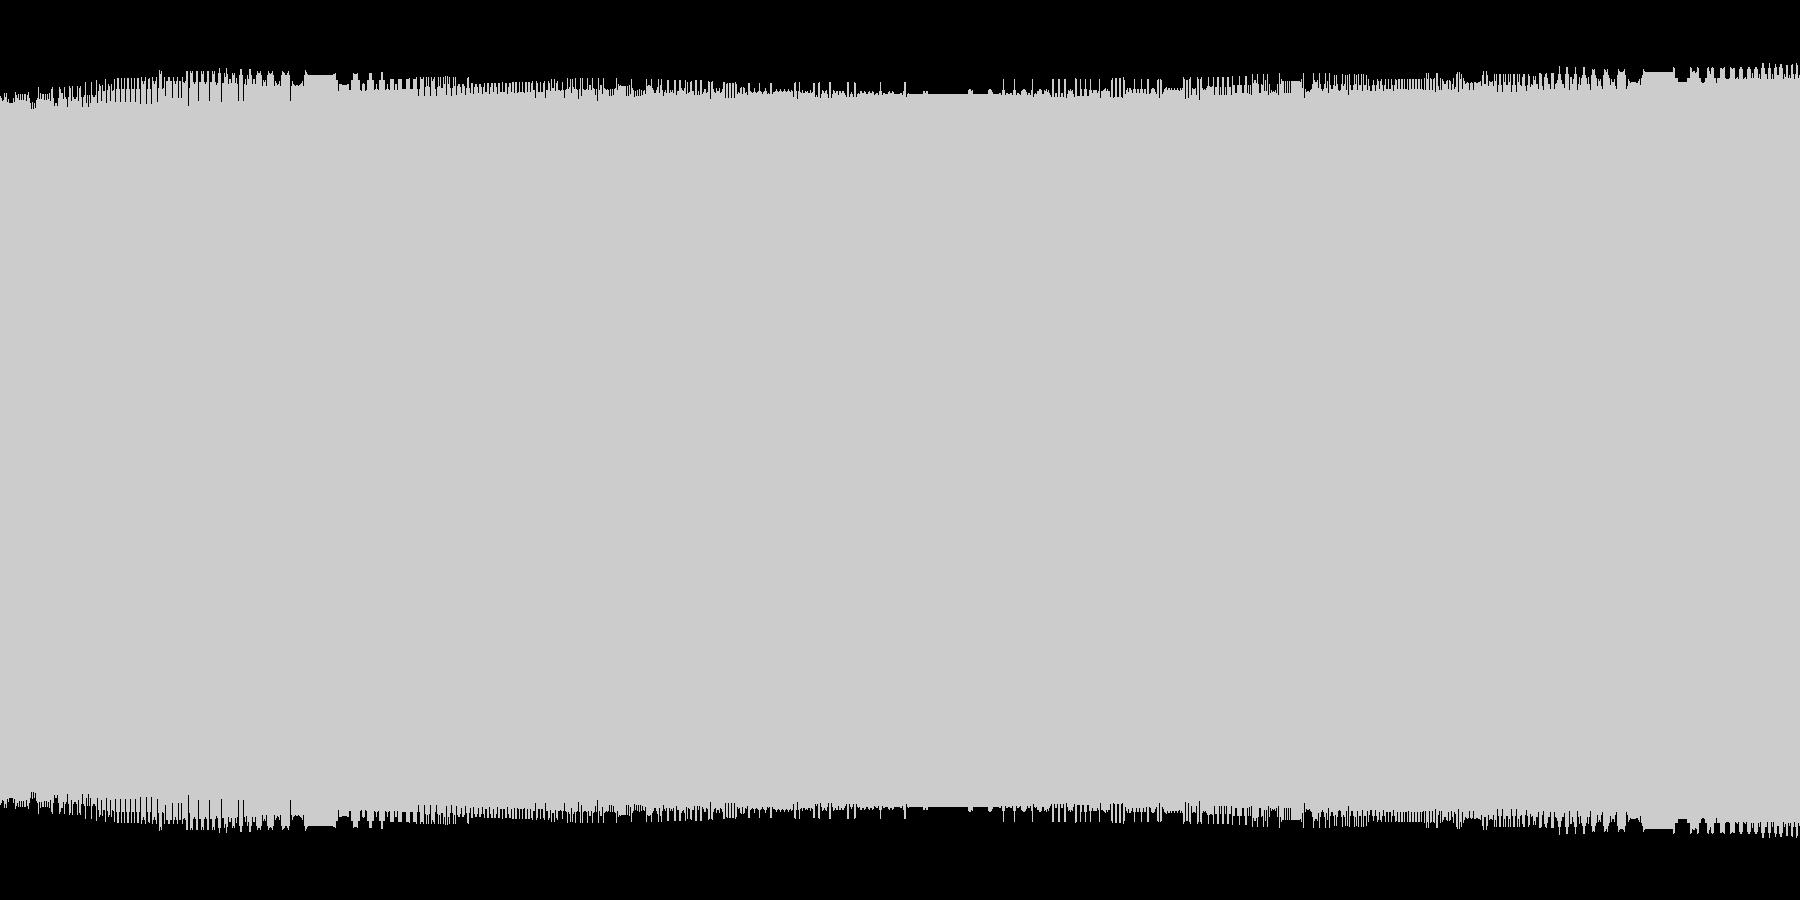 プーー(セキュリティの警告音)の未再生の波形